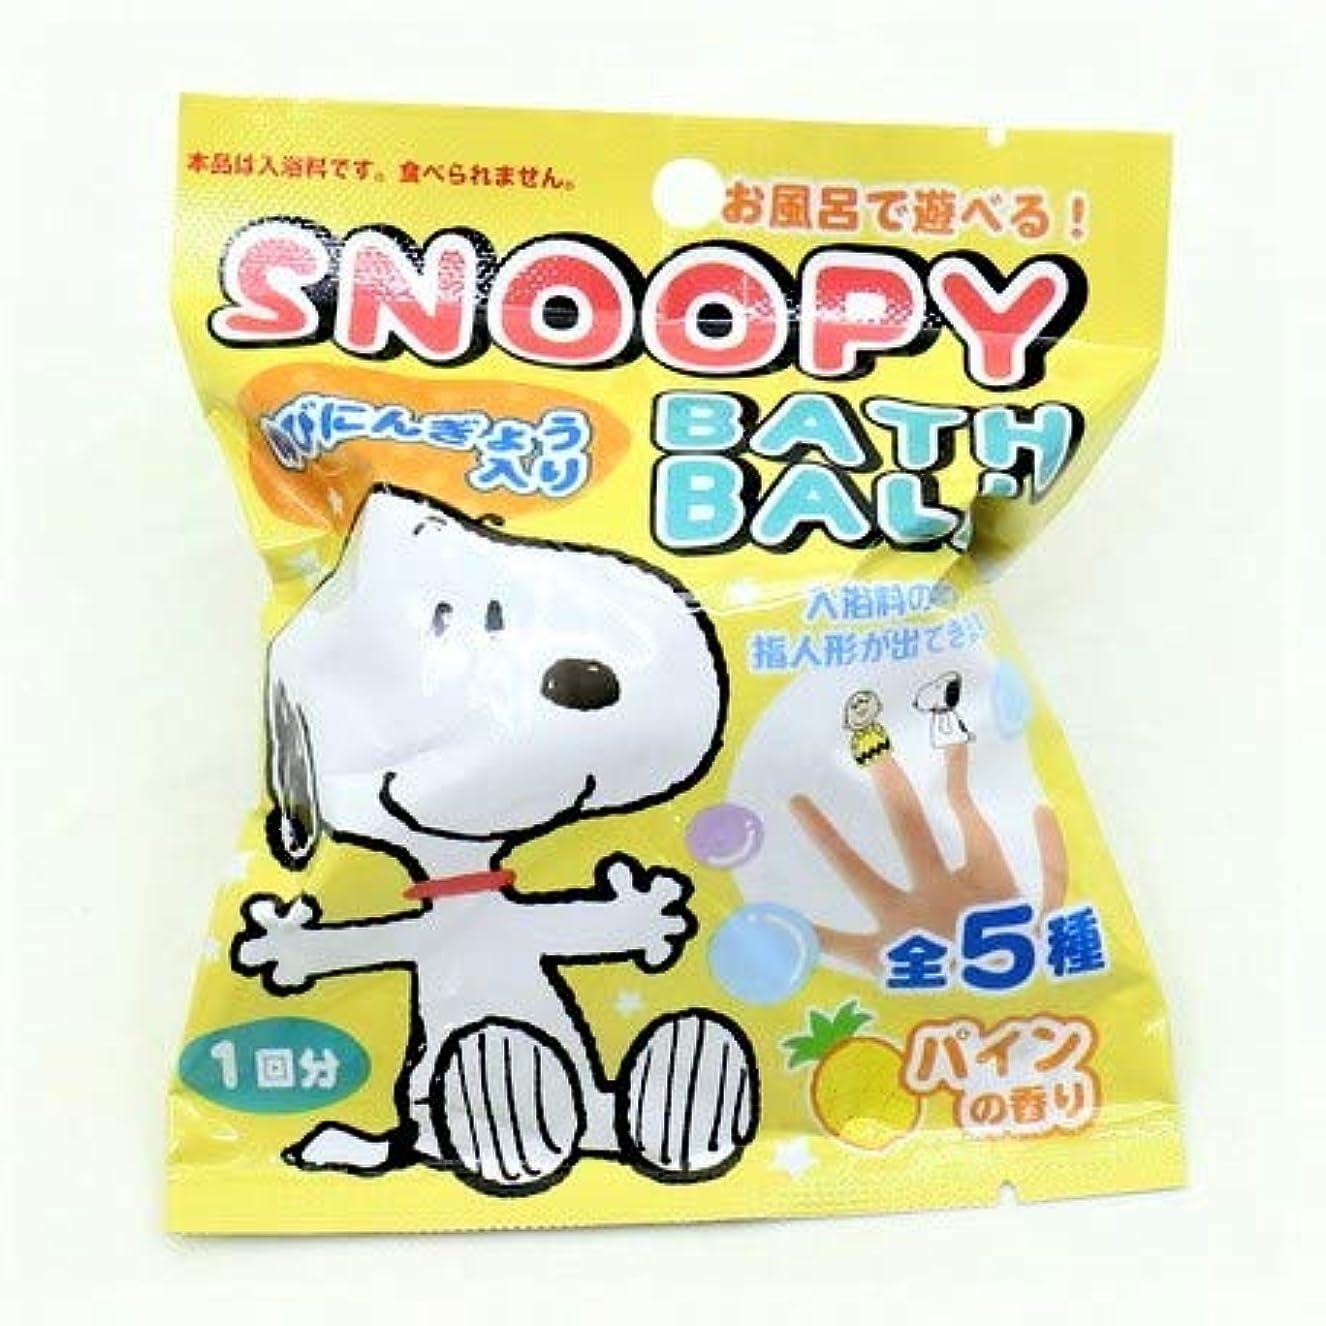 コンテスト舗装するデュアルスヌーピー バスボール 入浴剤 パインの香り 6個1セット 指人形 Snoopy